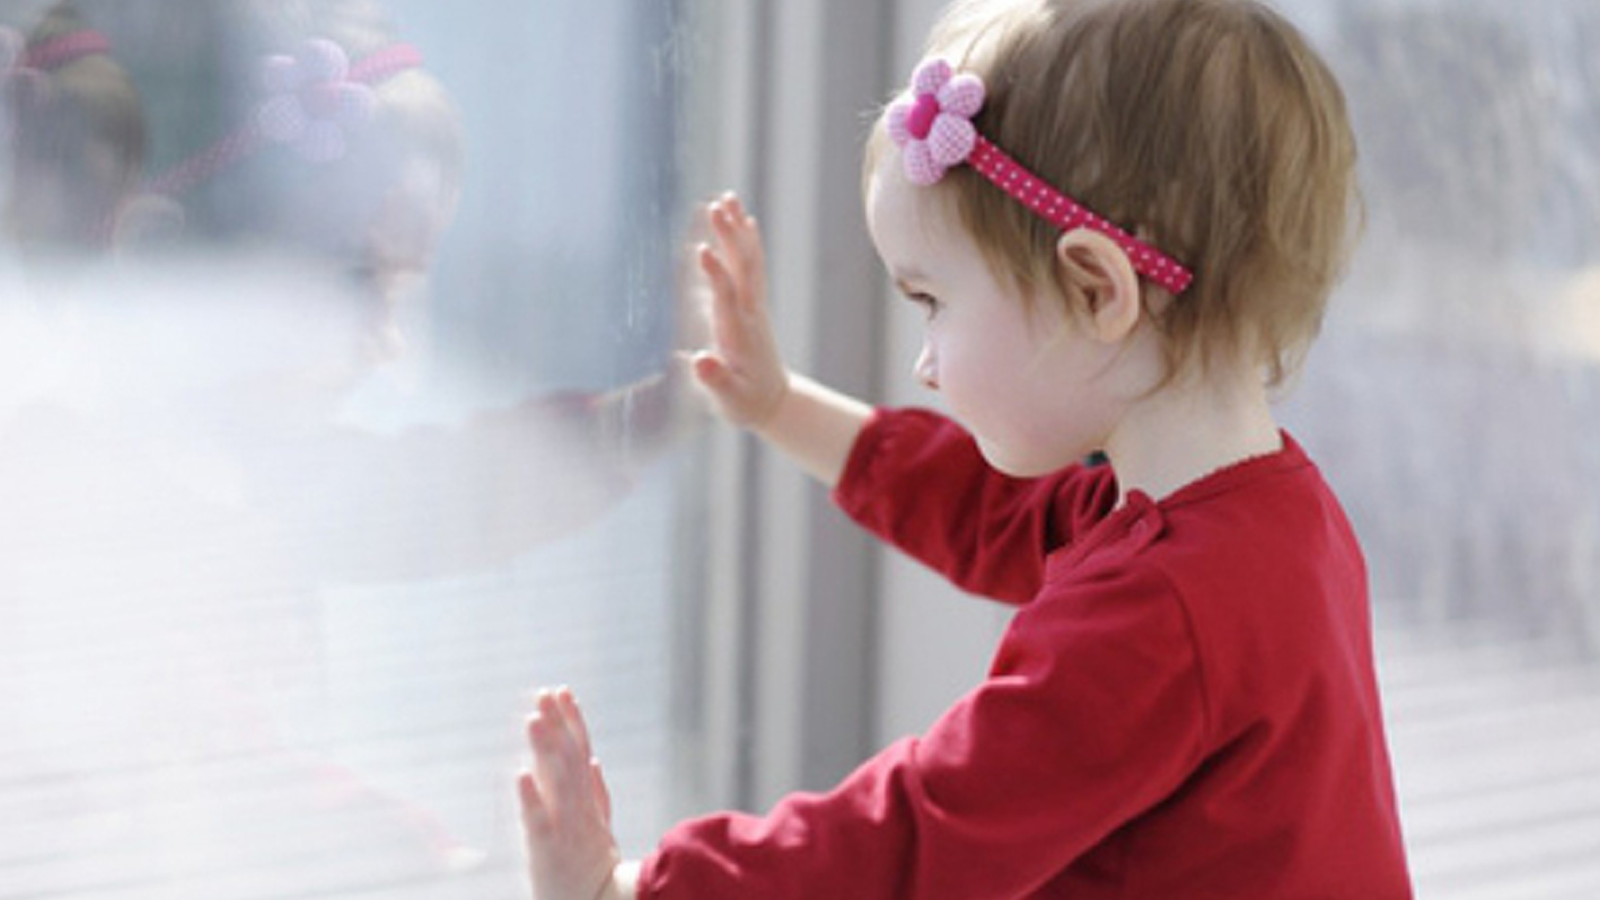 Из окна 2-го этажа в Шексне выпала 3-летняя девочка